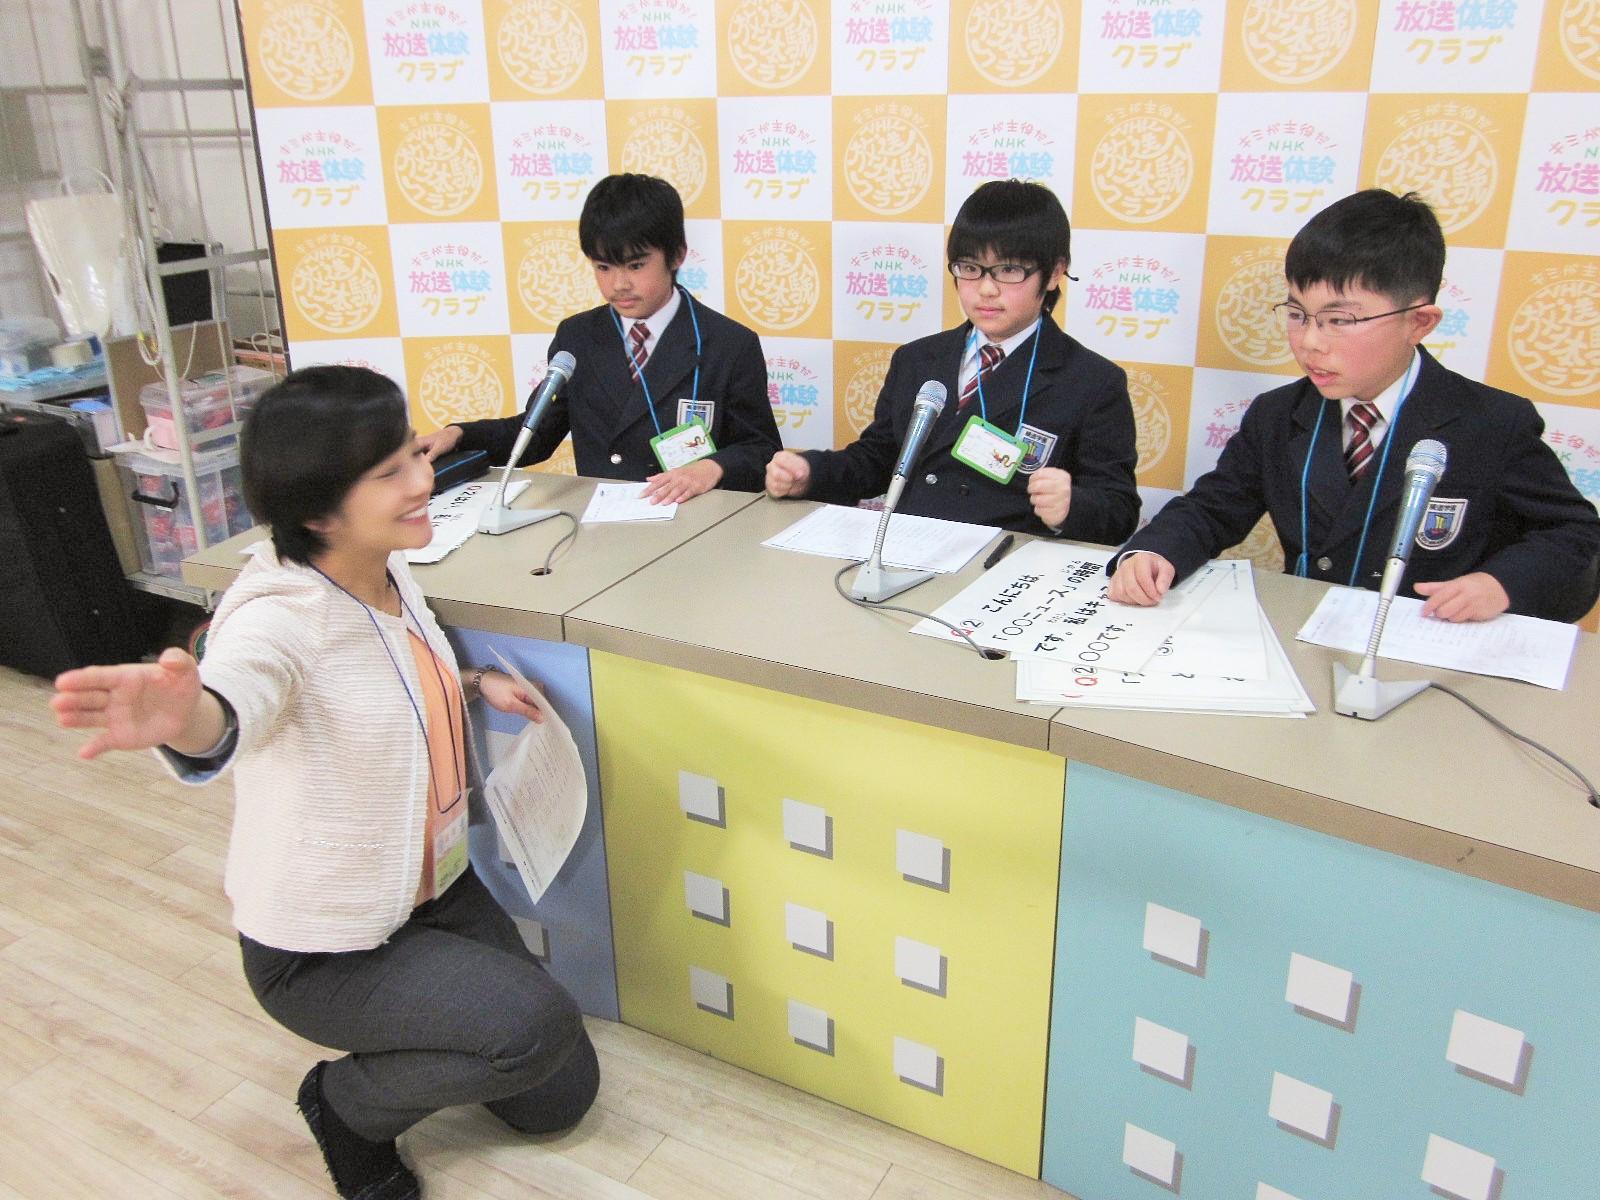 2月17日NHK放送体験